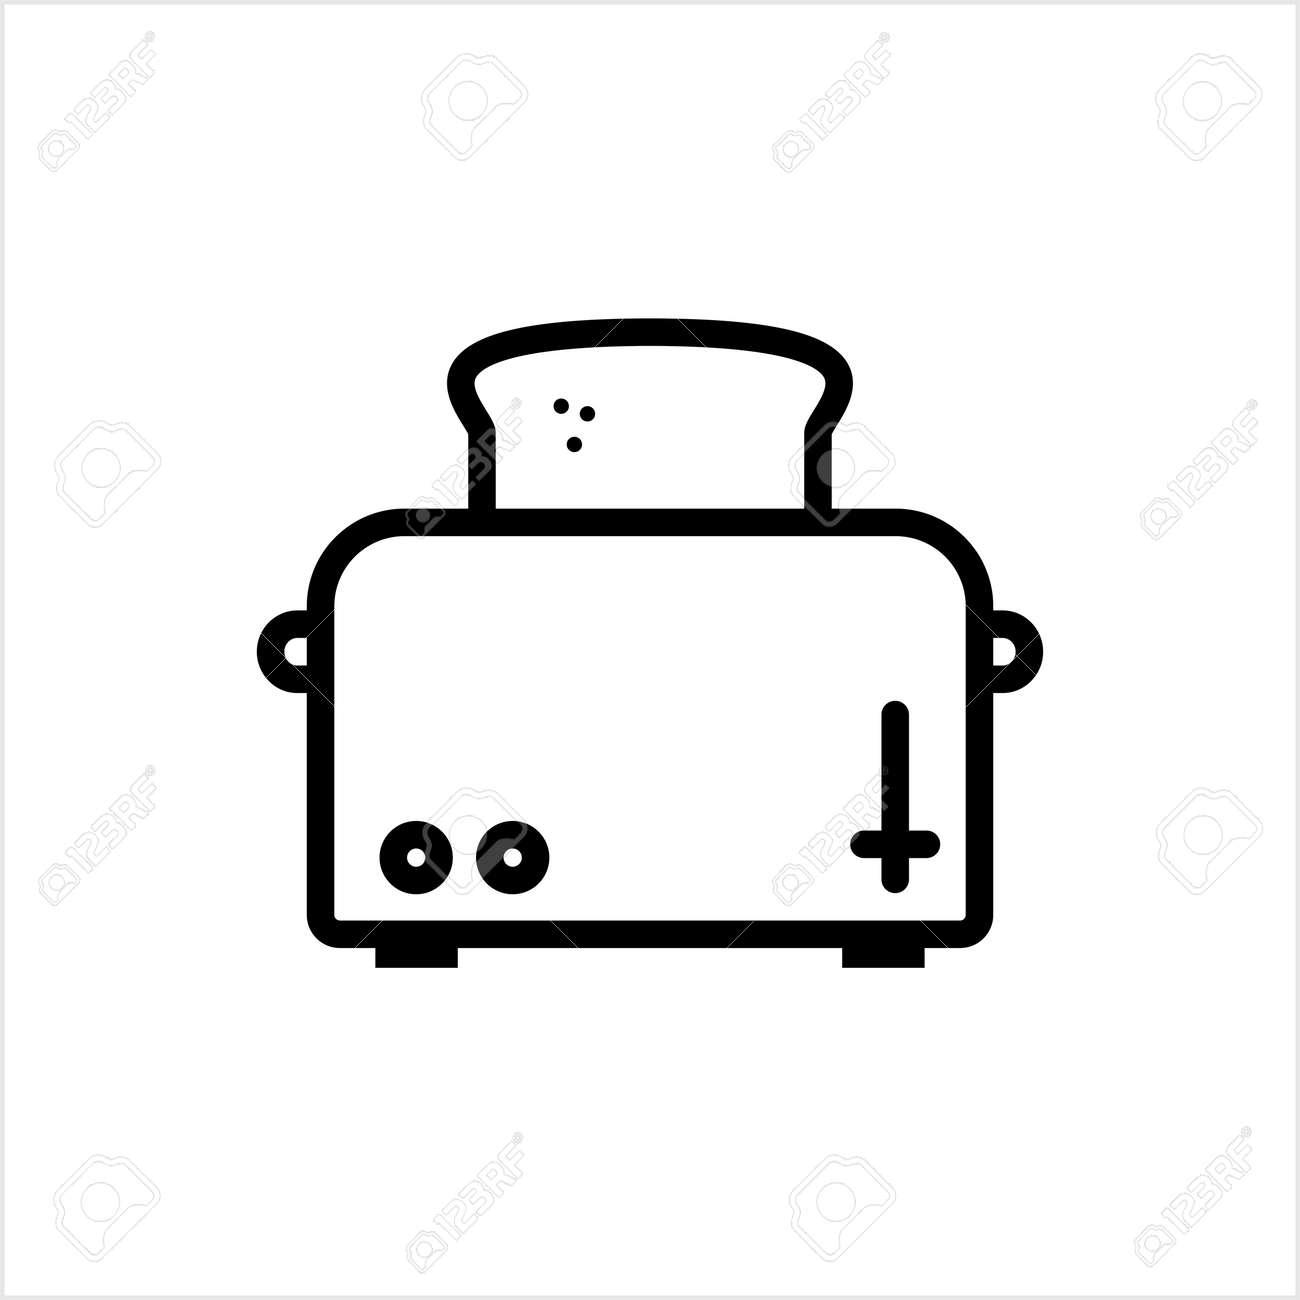 Toaster Icon, Toaster Vector Art Illustration - 148095236